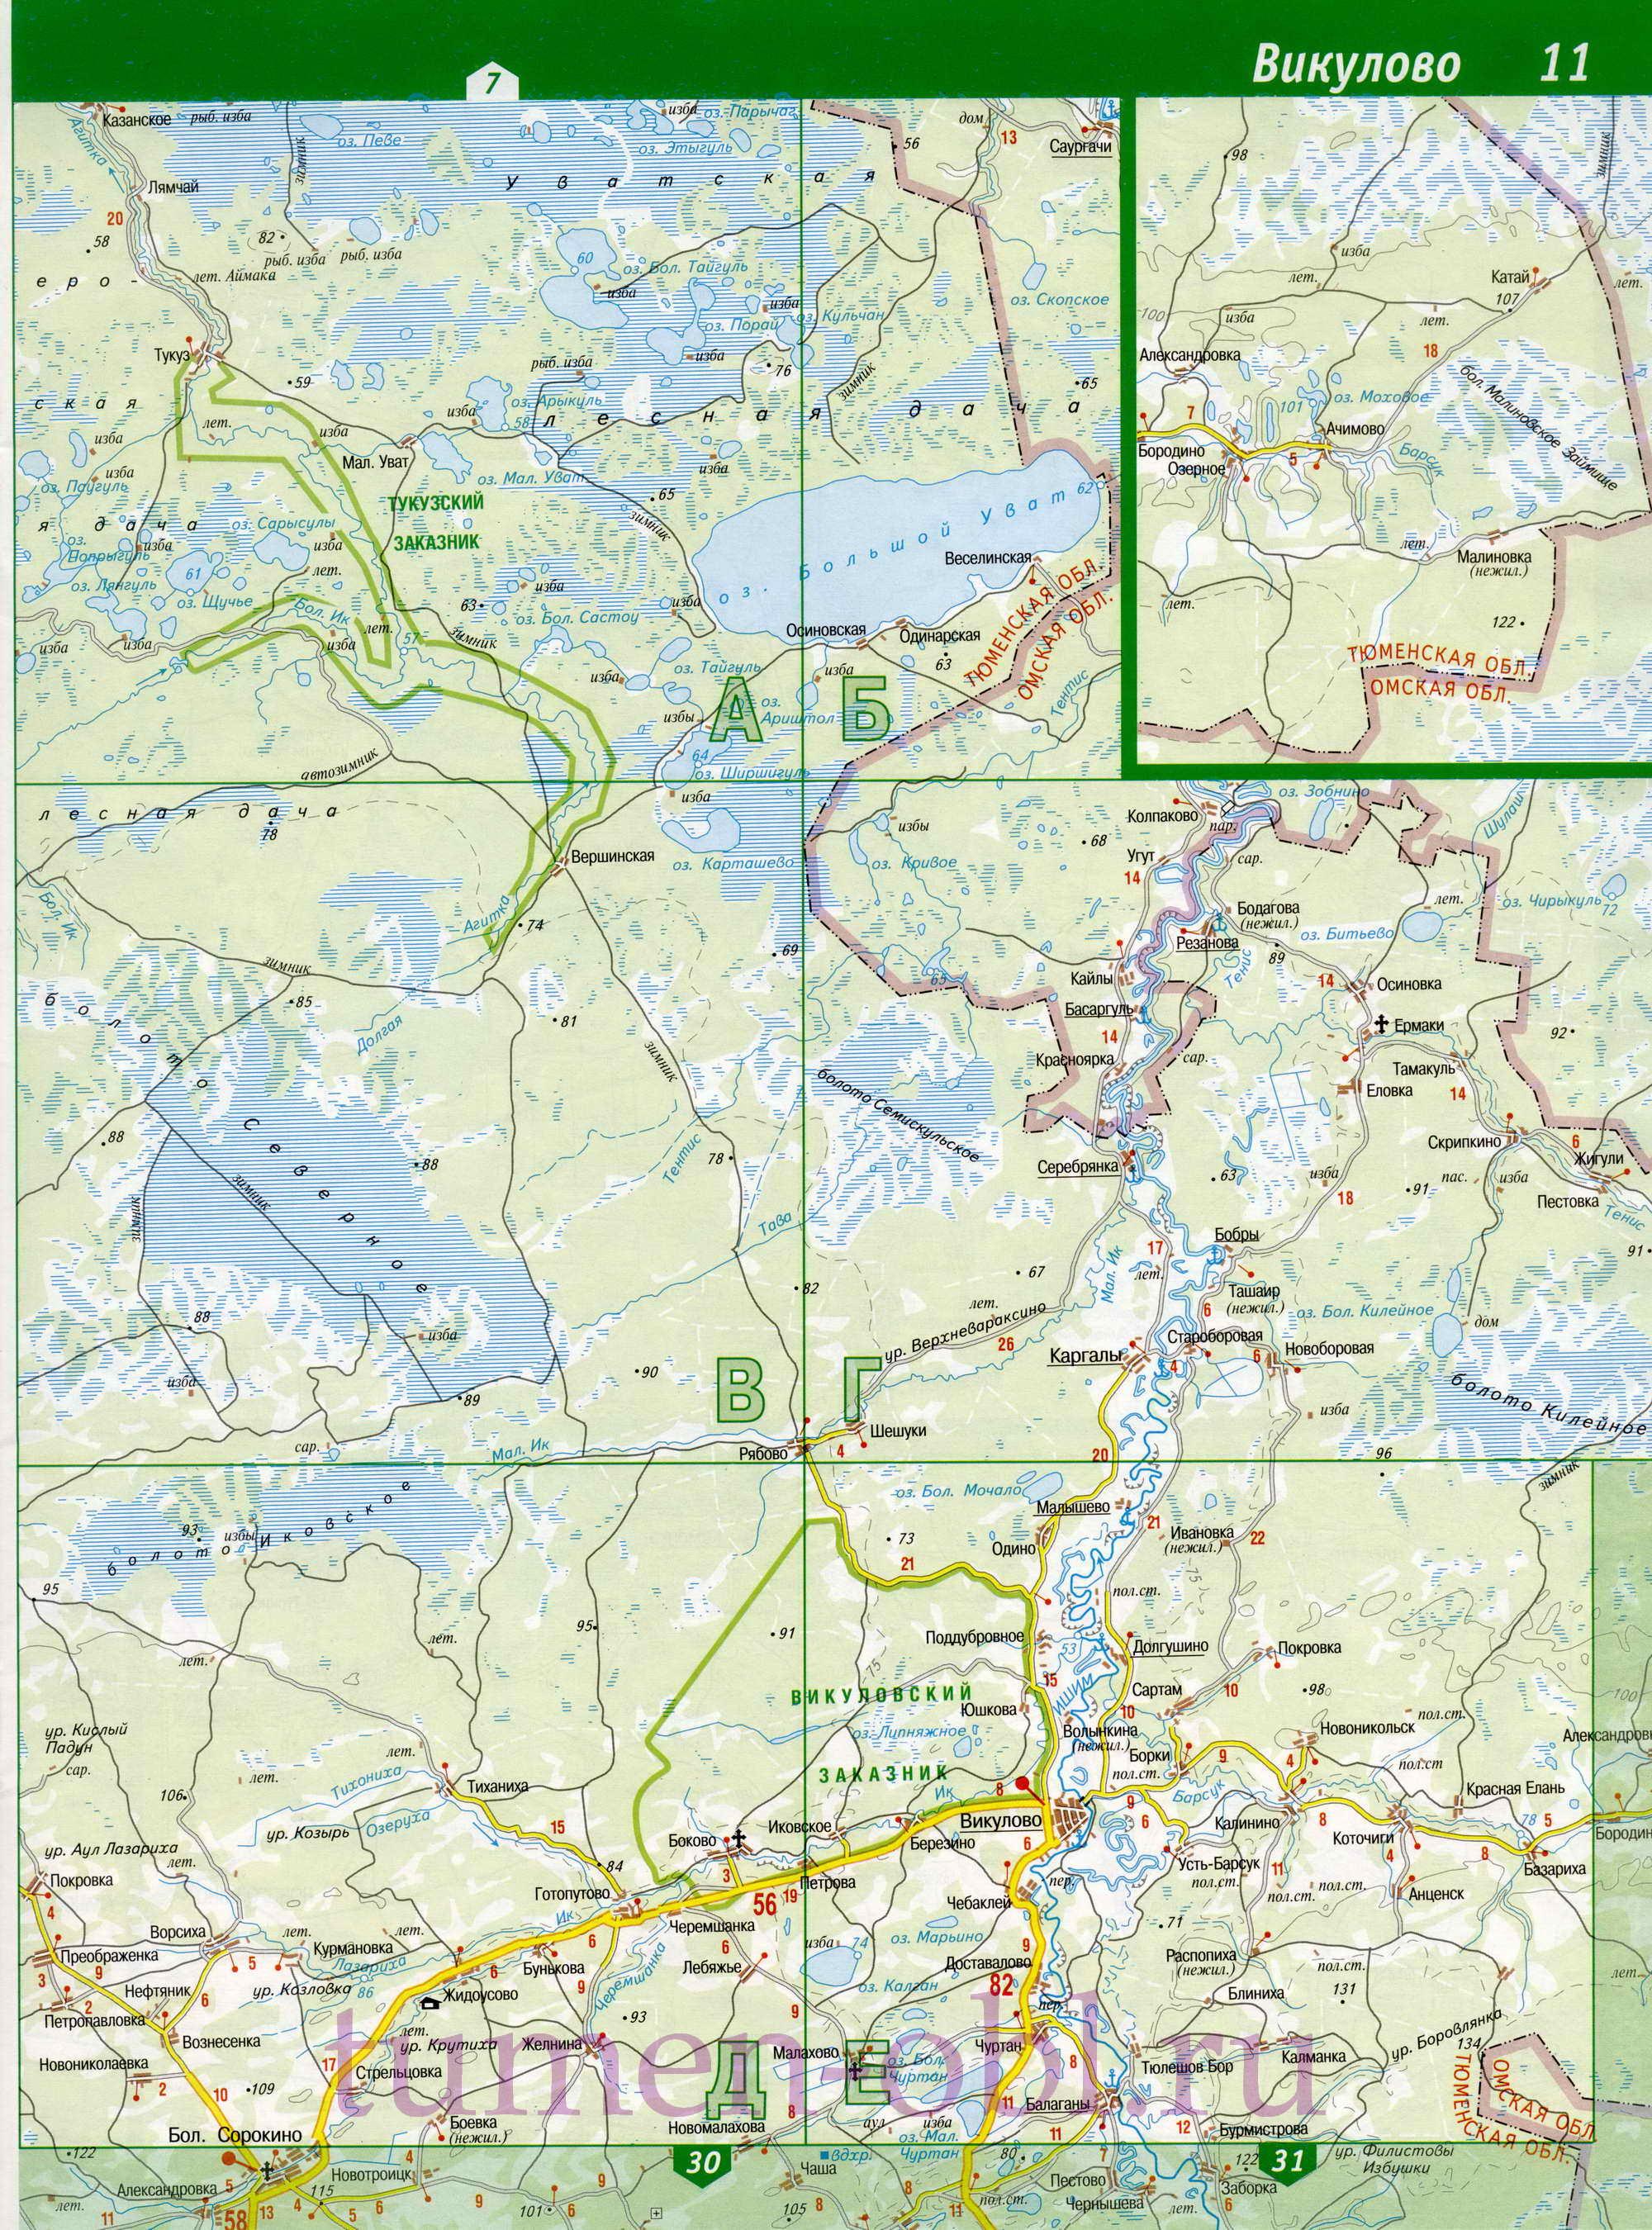 Карта Викуловского района Тюменской обл. Детальная карта ...: http://tumen-obl.ru/map759234_0_0.htm